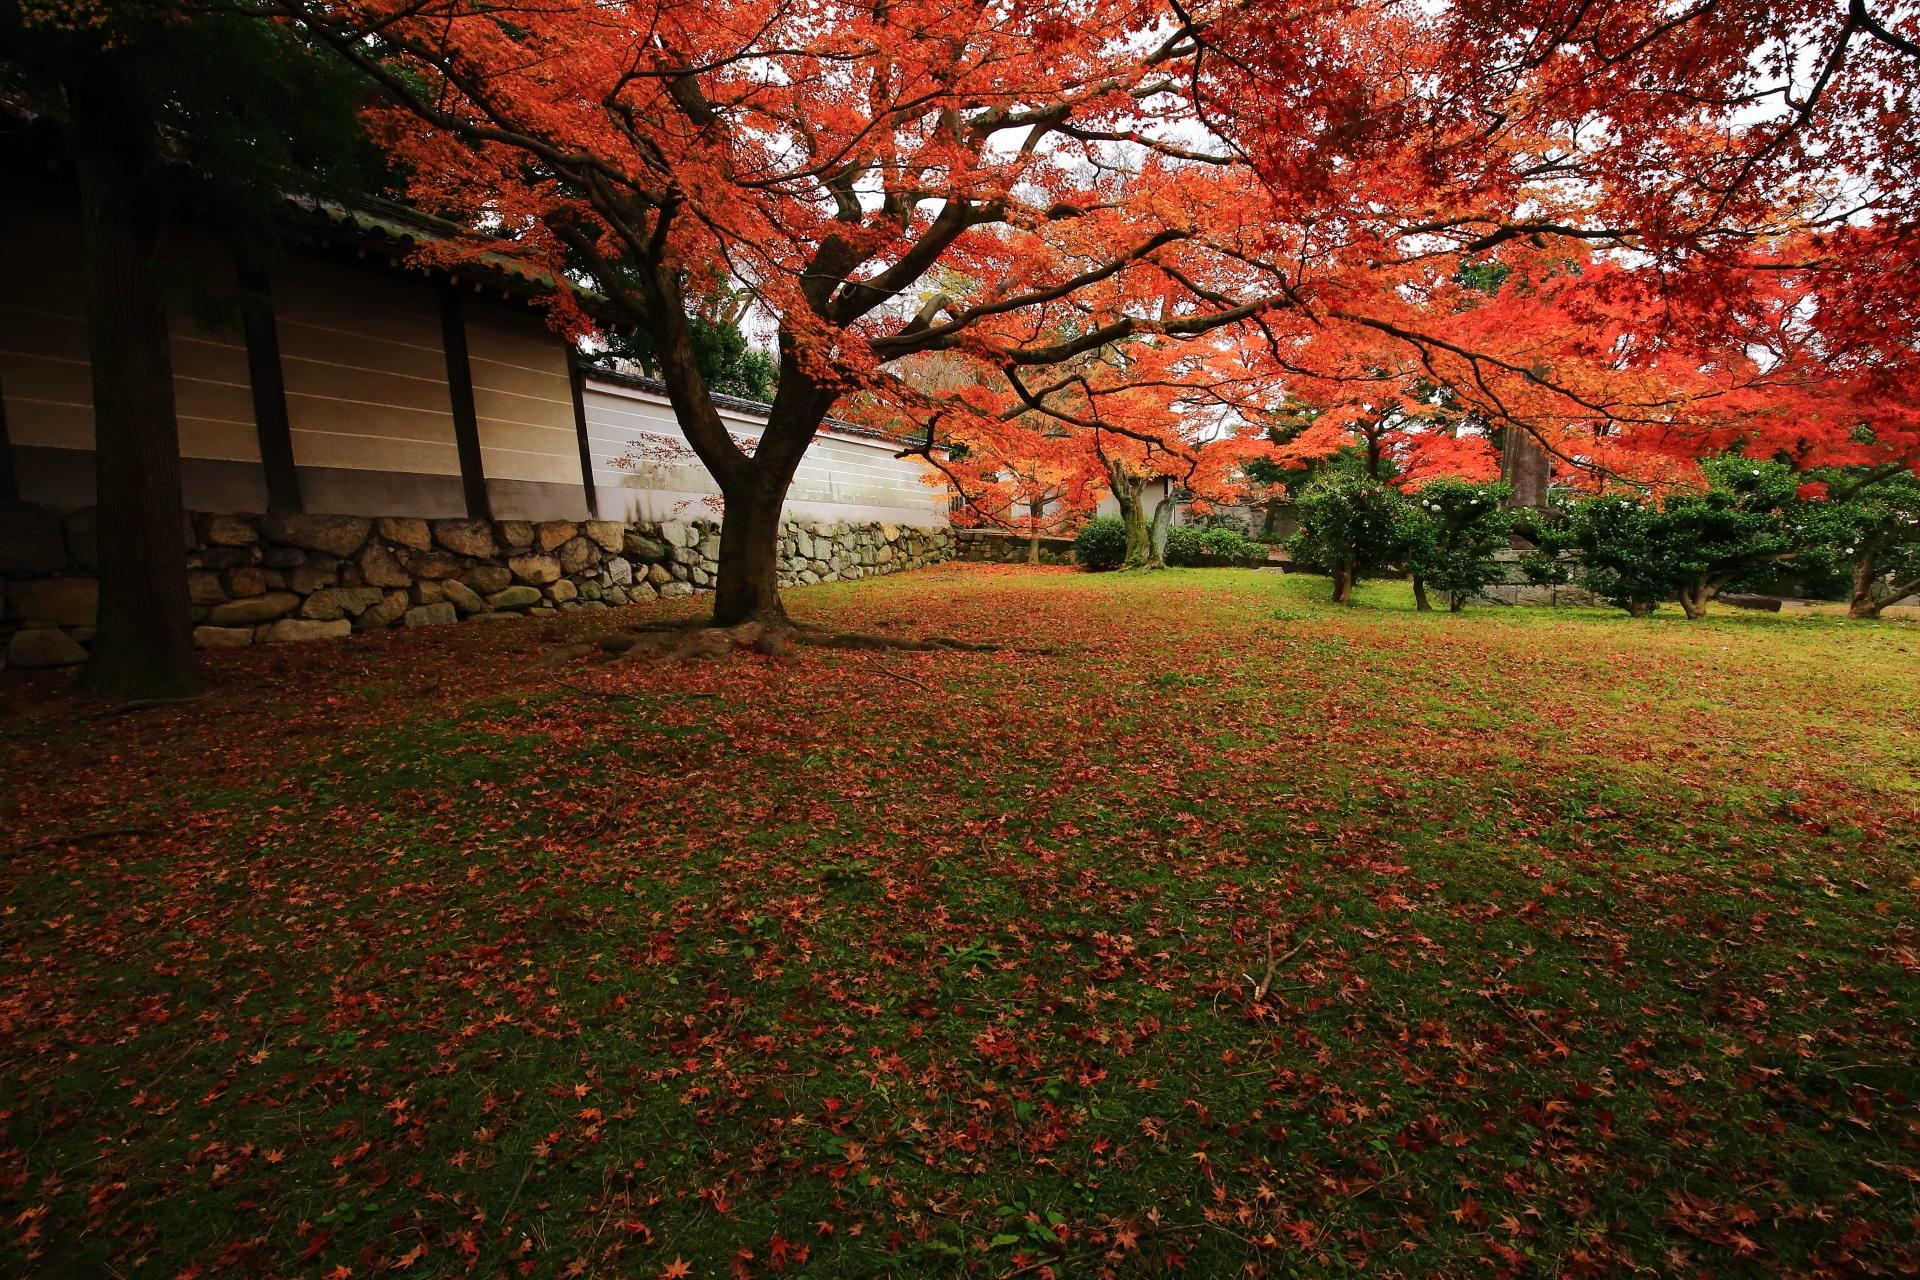 緑の芝生を華やぐ散り紅葉と浮かび上がるような紅葉